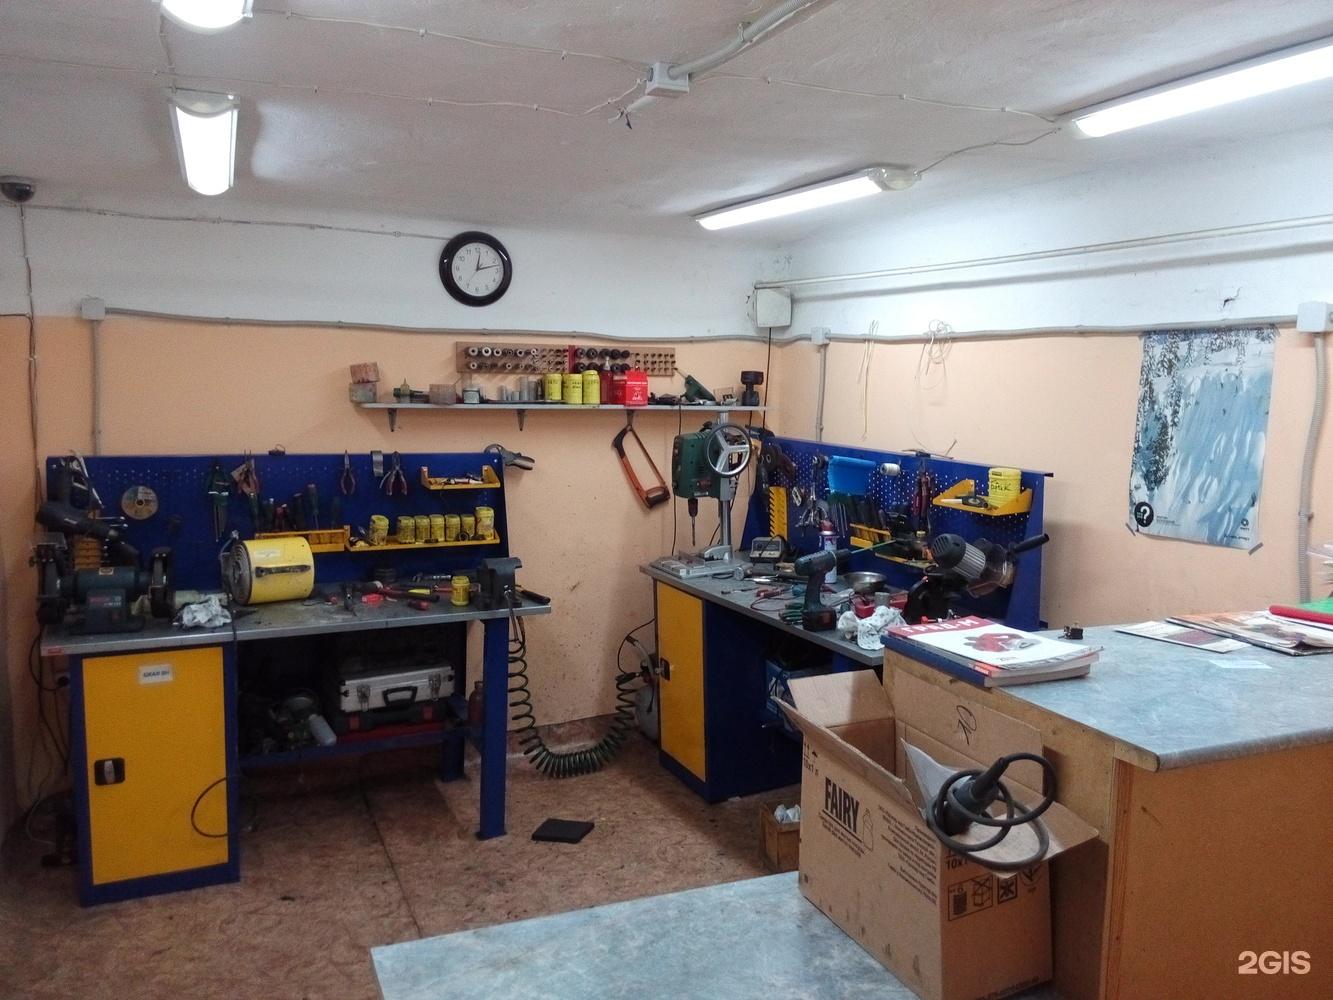 картинка ремонтной мастерской идеален